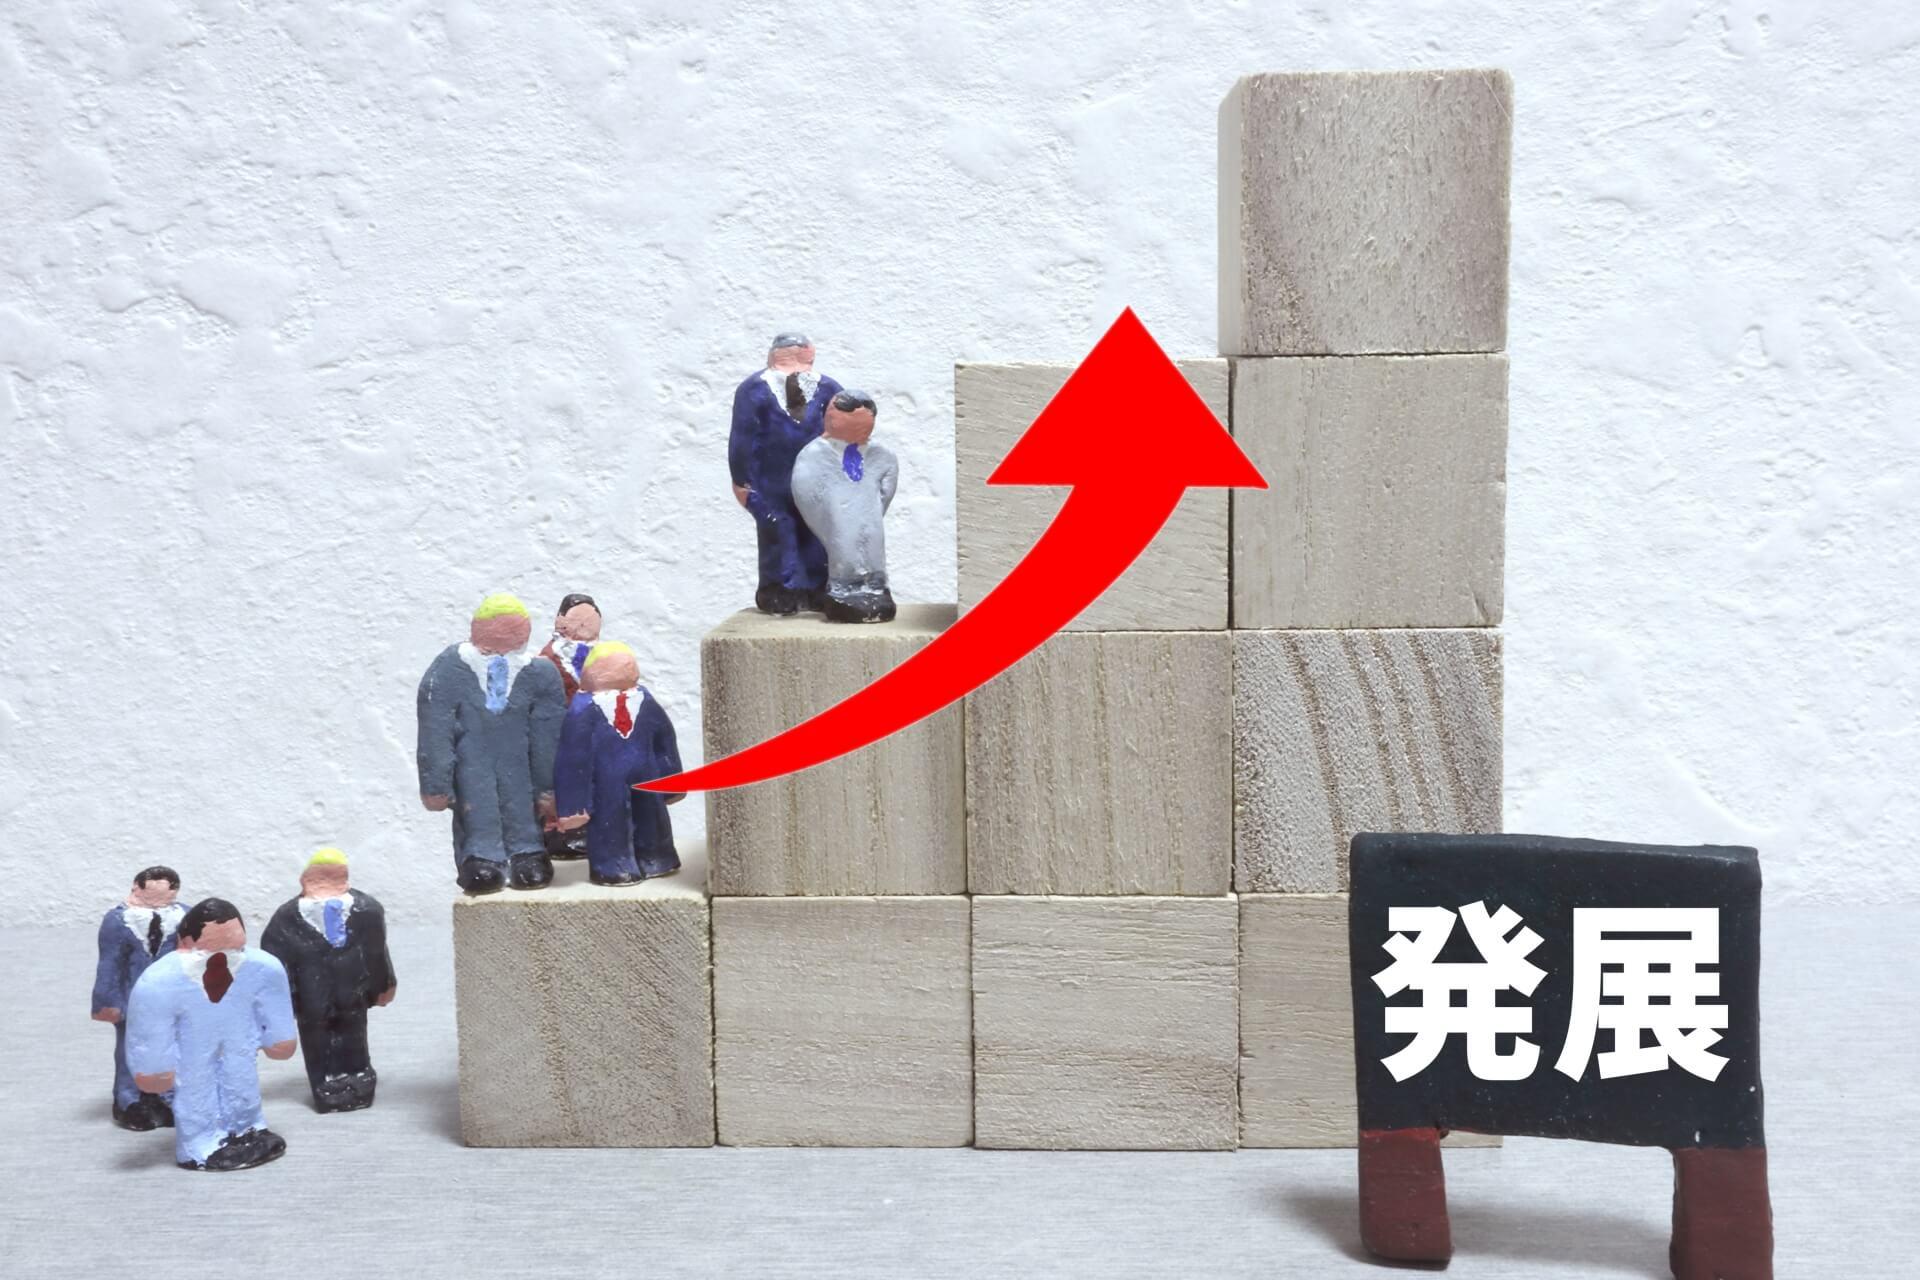 所得「再分配」で生活変わるか? 岸田首相「新しい資本主義」掲げる ~10月6日「おはよう寺ちゃん」